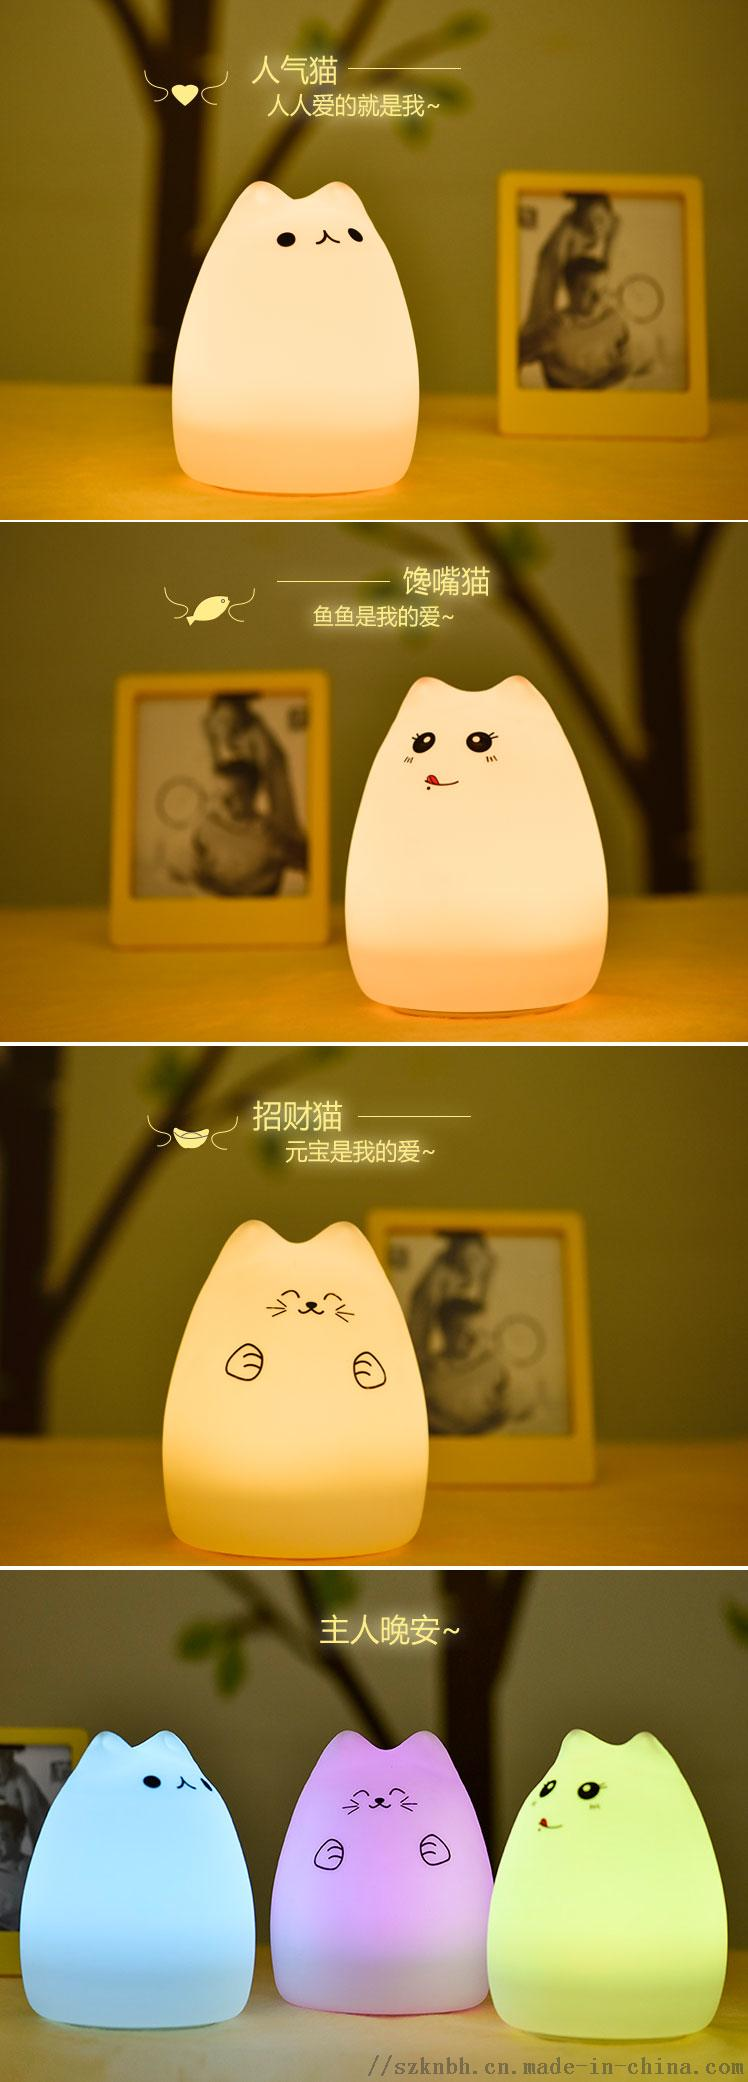 七彩动物硅胶灯宣传图12.jpg